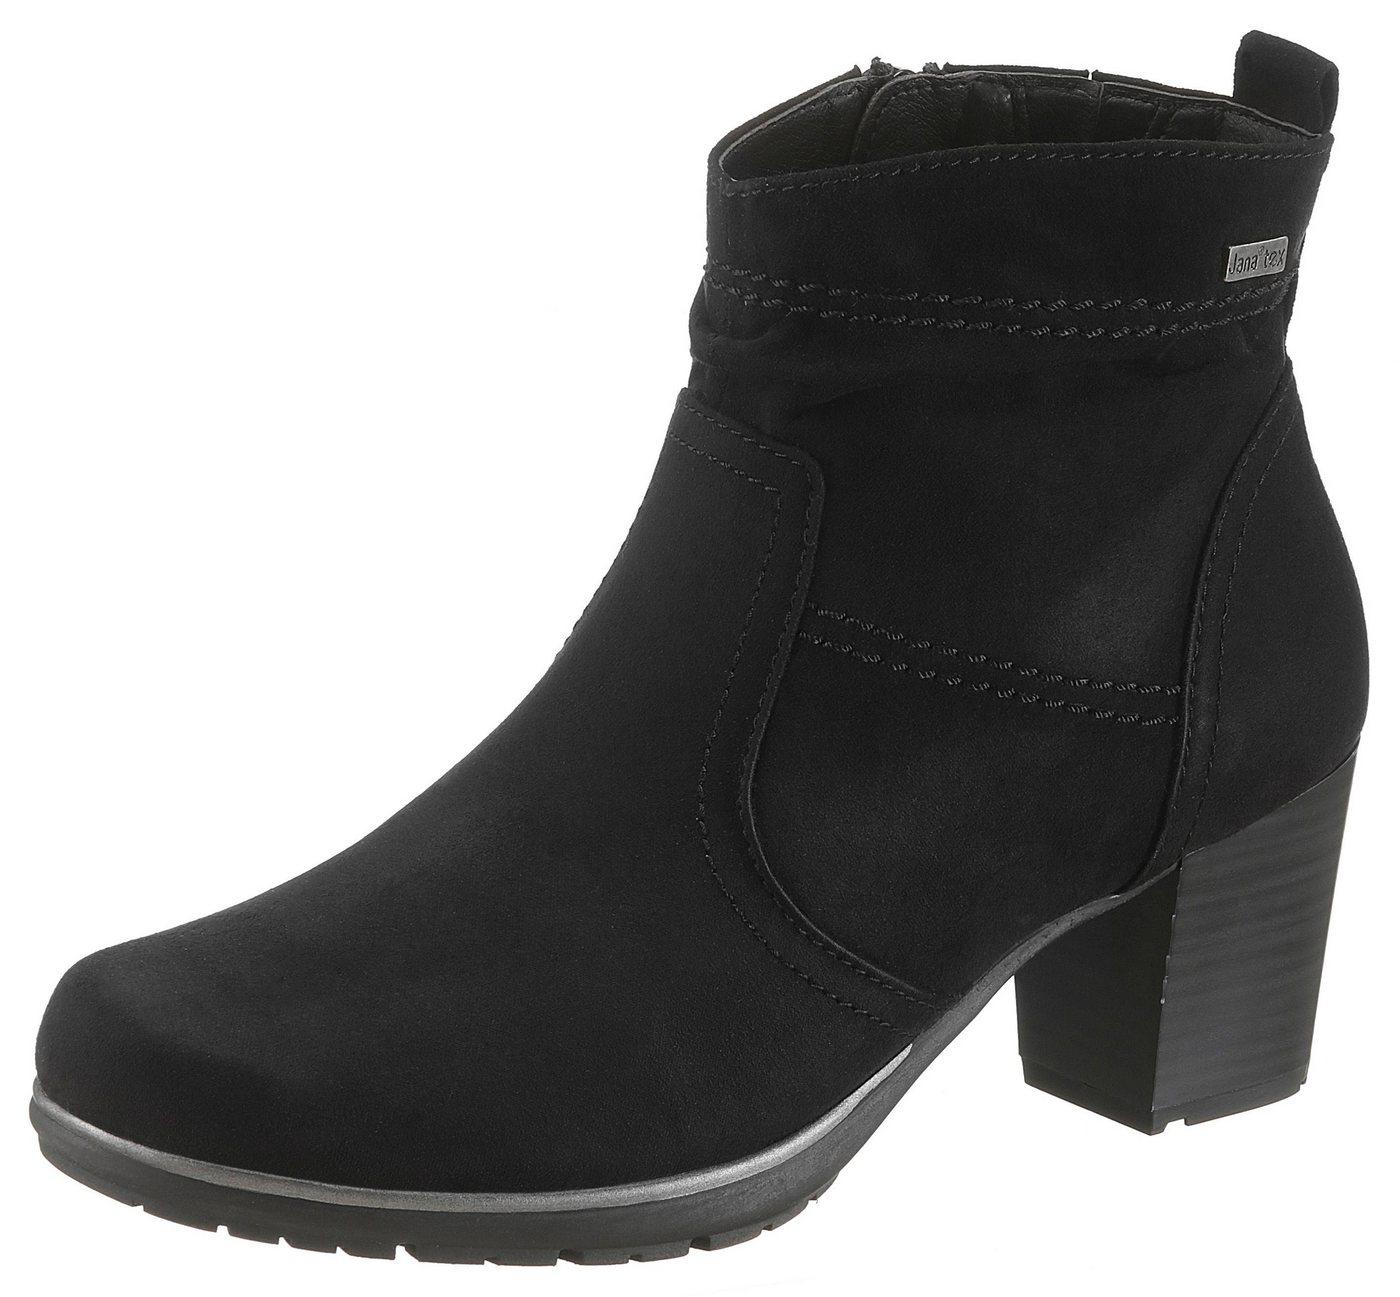 Jana Winterstiefelette mit Jana-Tex und komfortabler Schuhweite G   Schuhe > Boots > Winterstiefel   Schwarz   Jana